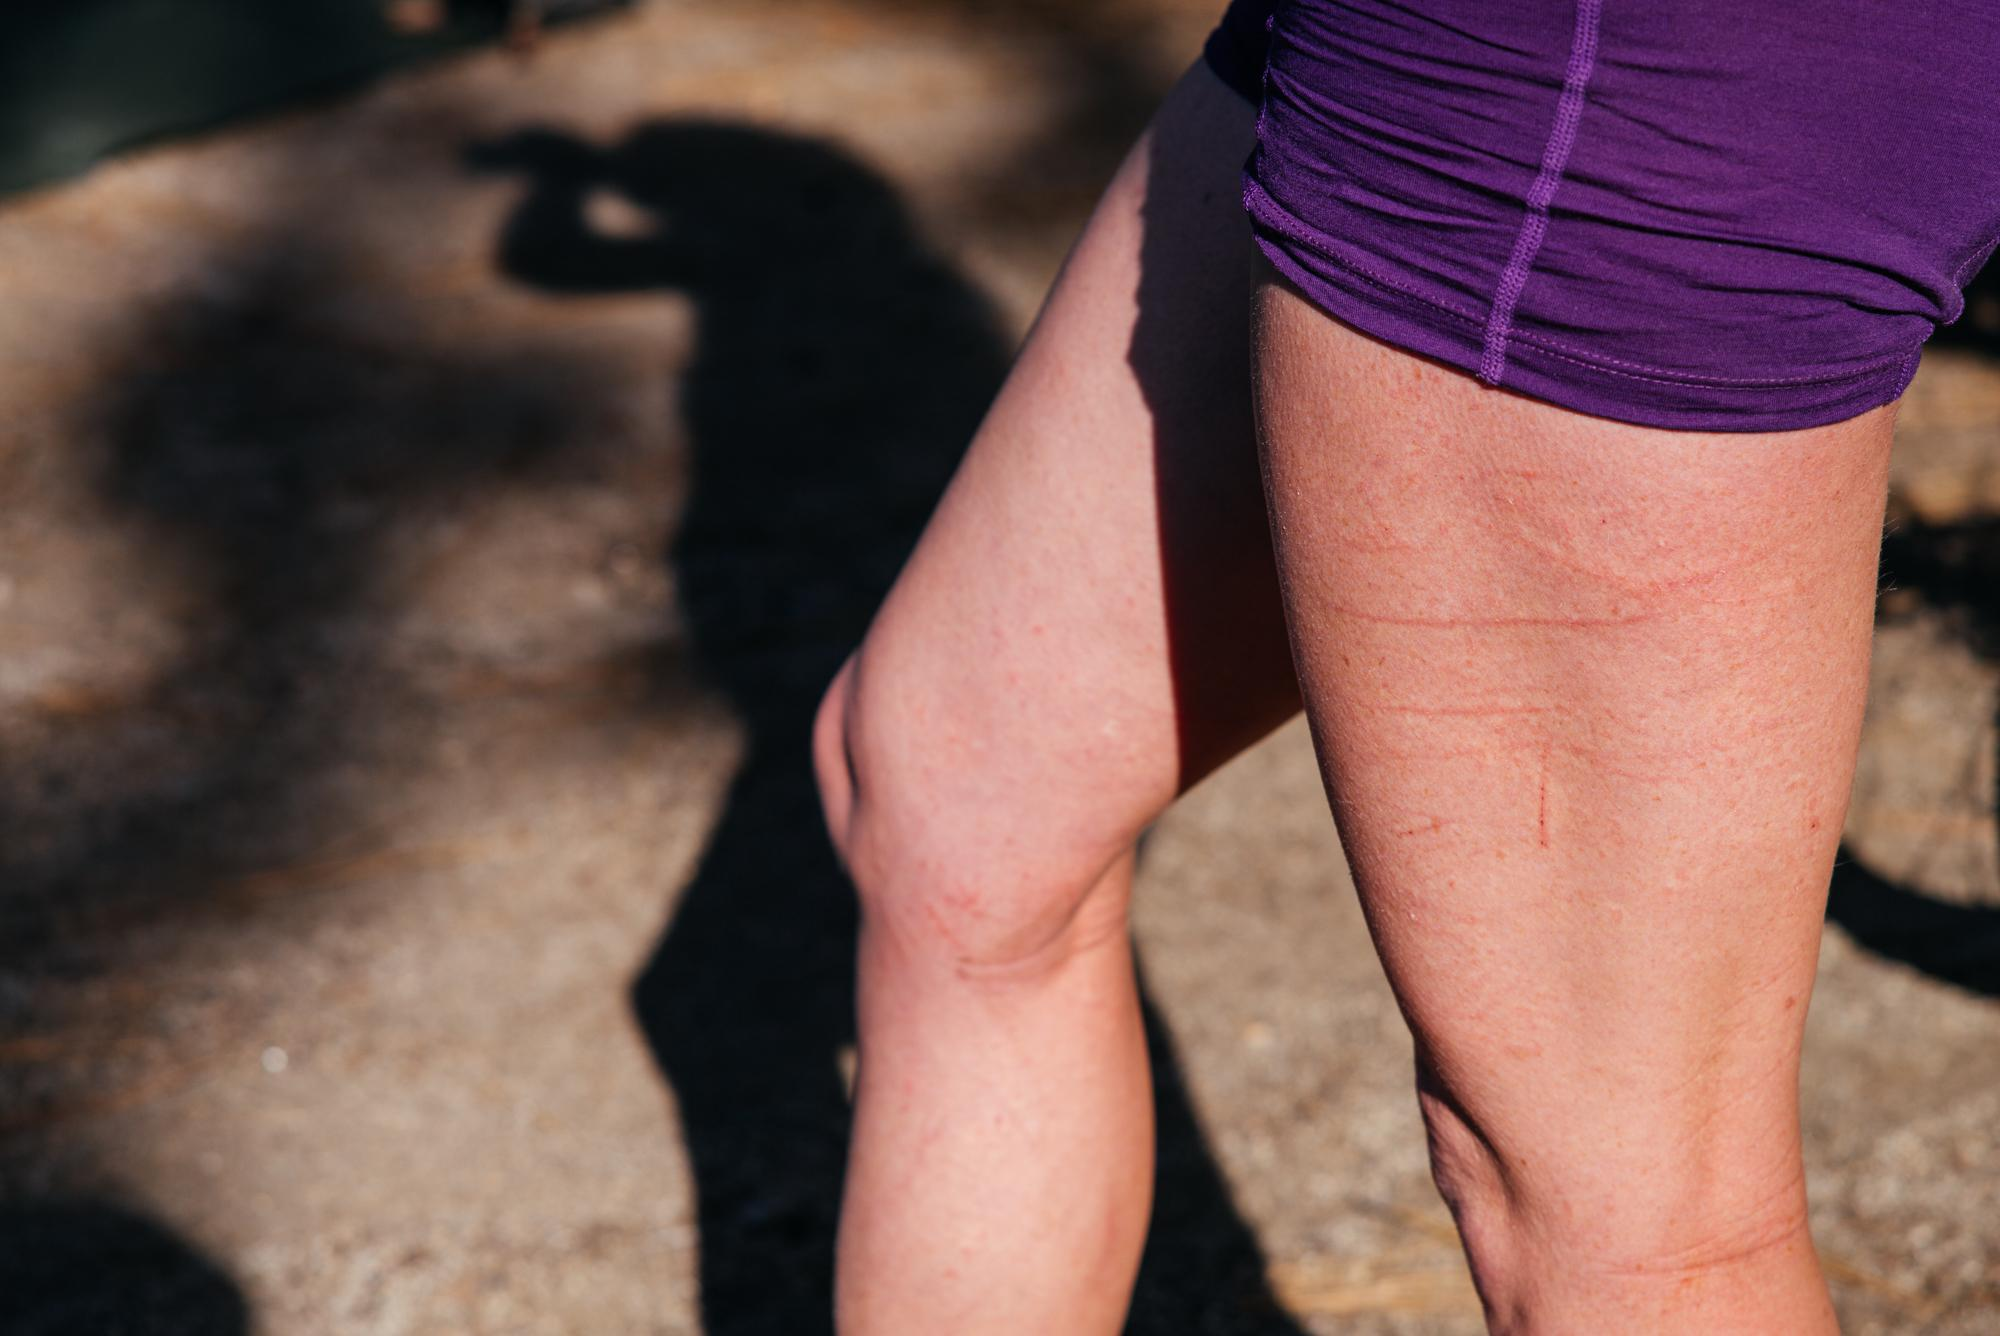 Cari's legs.